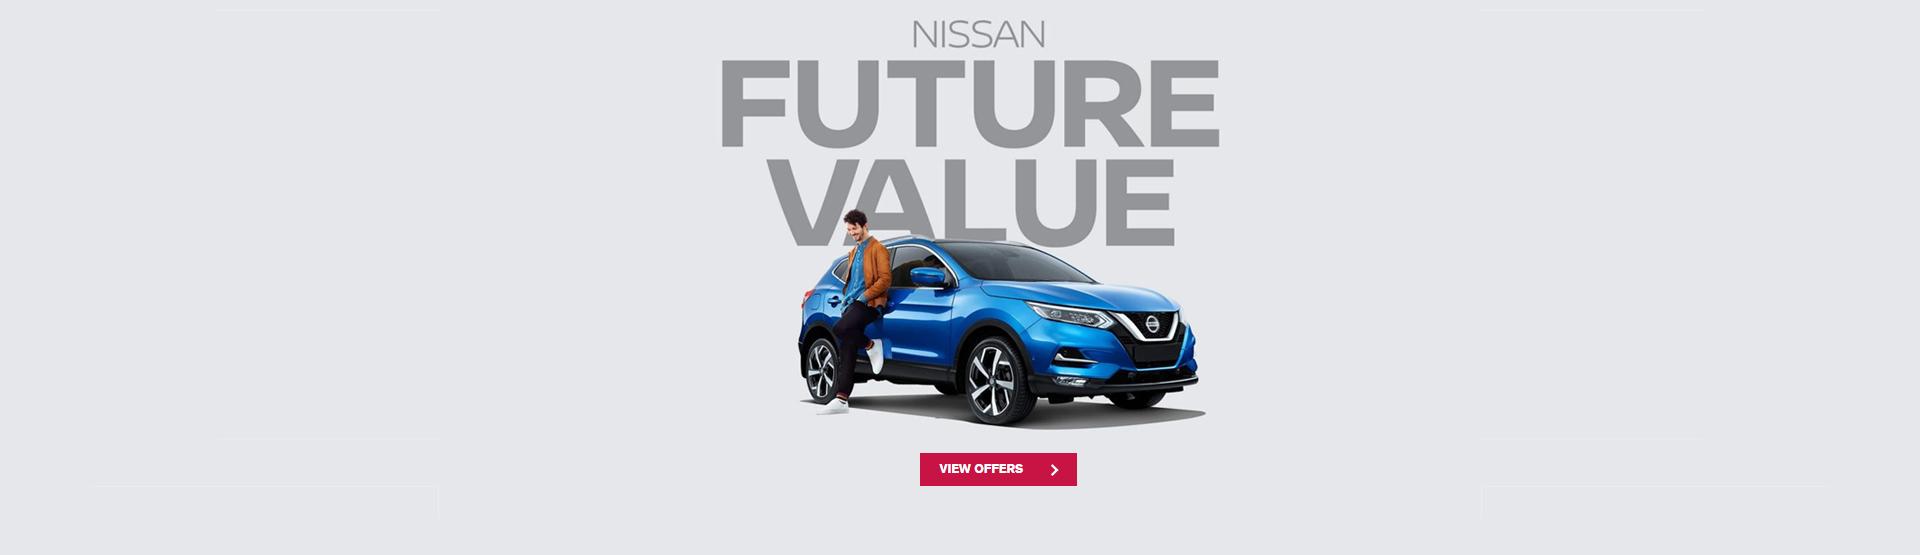 JT Fossey Nissan Offers